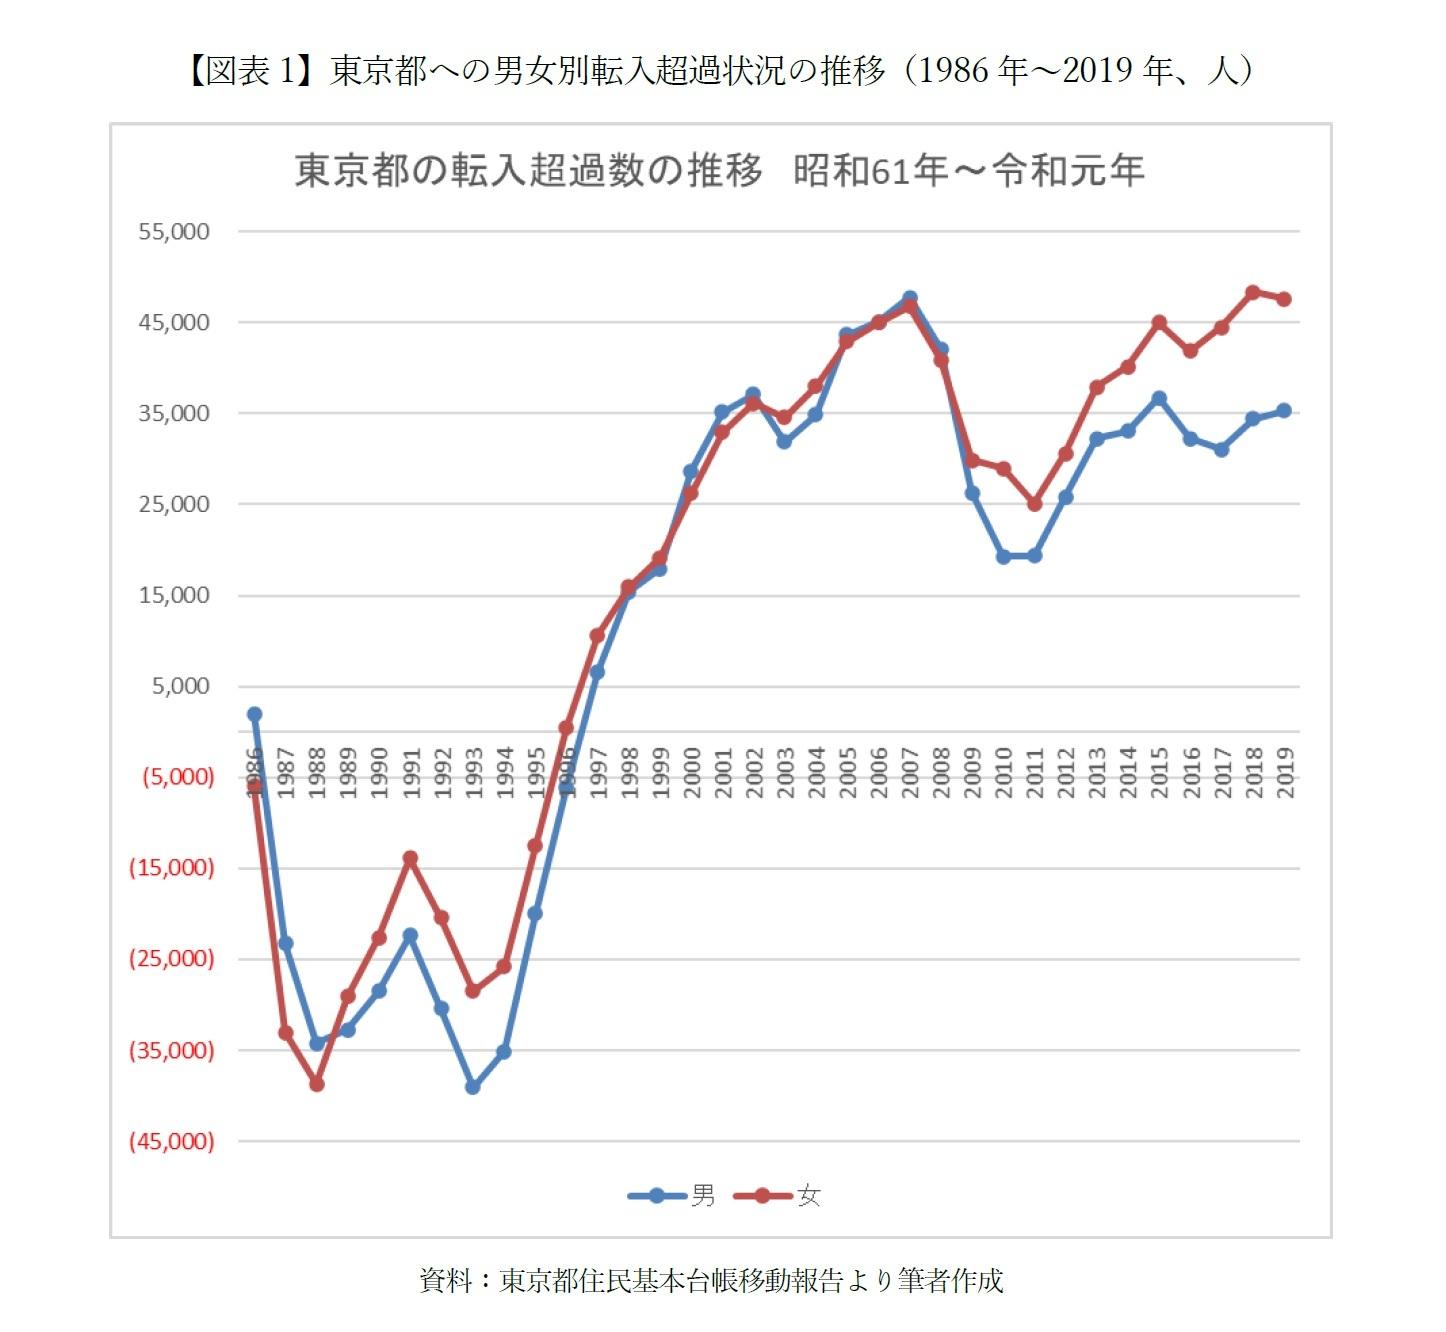 【図表1】東京都への男女別転入超過状況の推移(1986年~2019年、人)